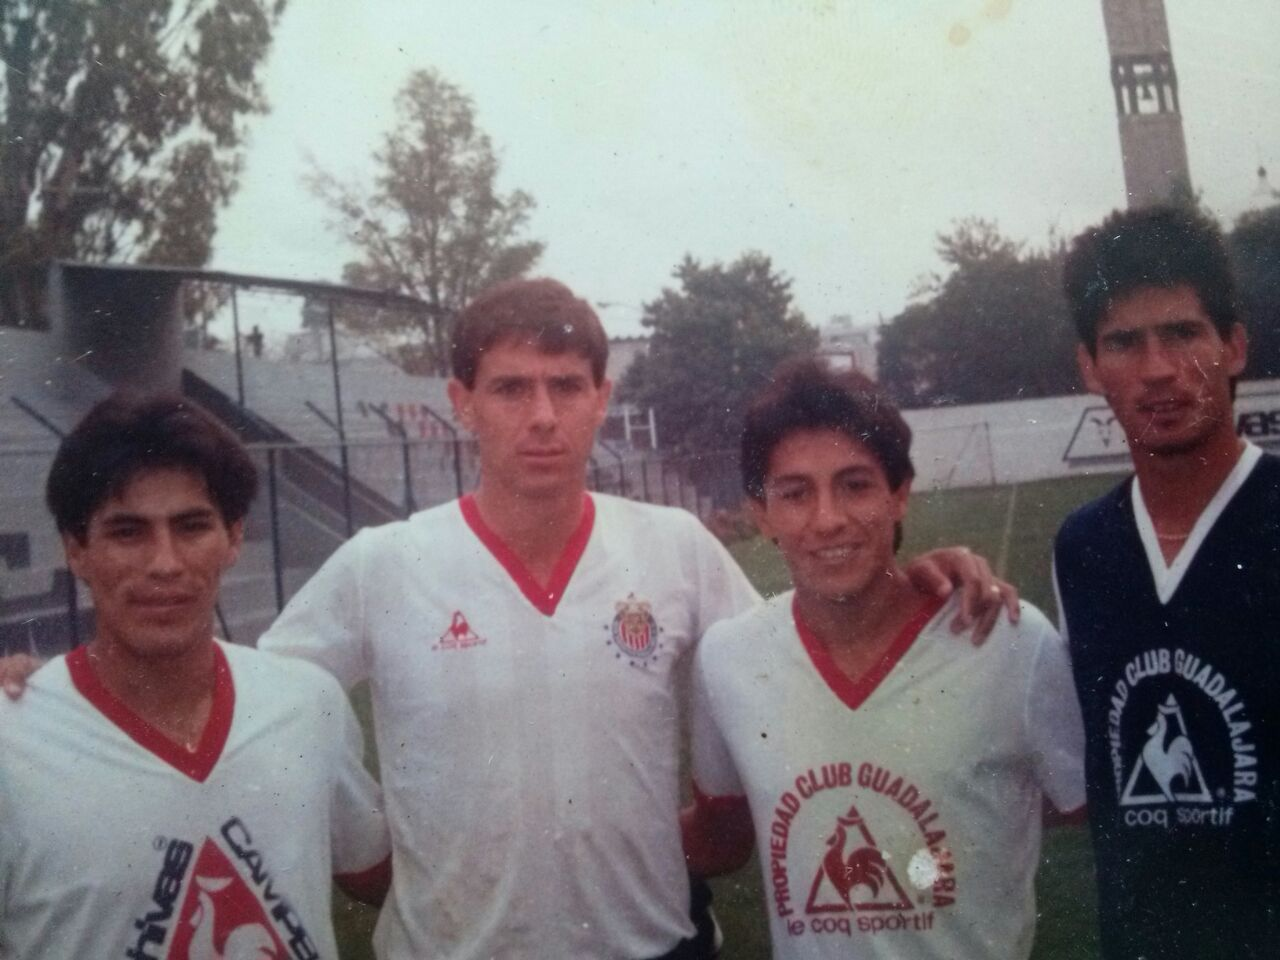 El legado deportivo de Daniel Villagomez Arellano sigue presente en el deporte de Cancún